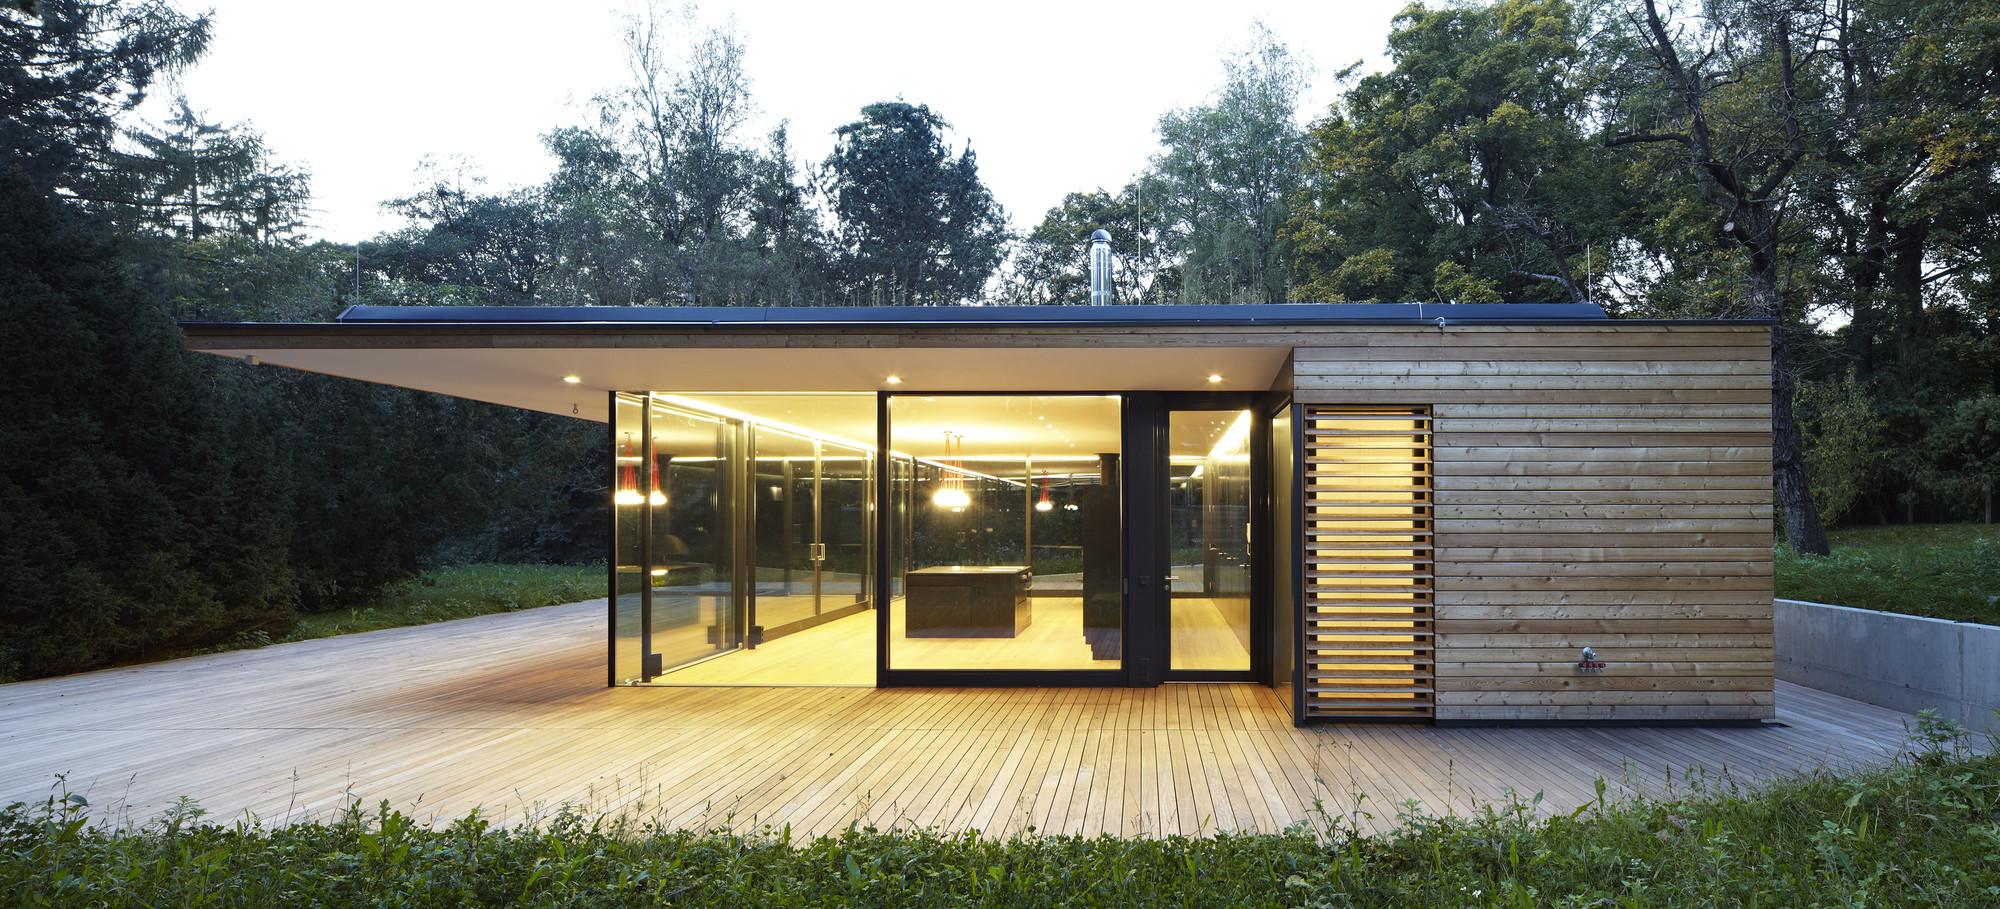 casa hainbach moosmann archdaily brasil. Black Bedroom Furniture Sets. Home Design Ideas